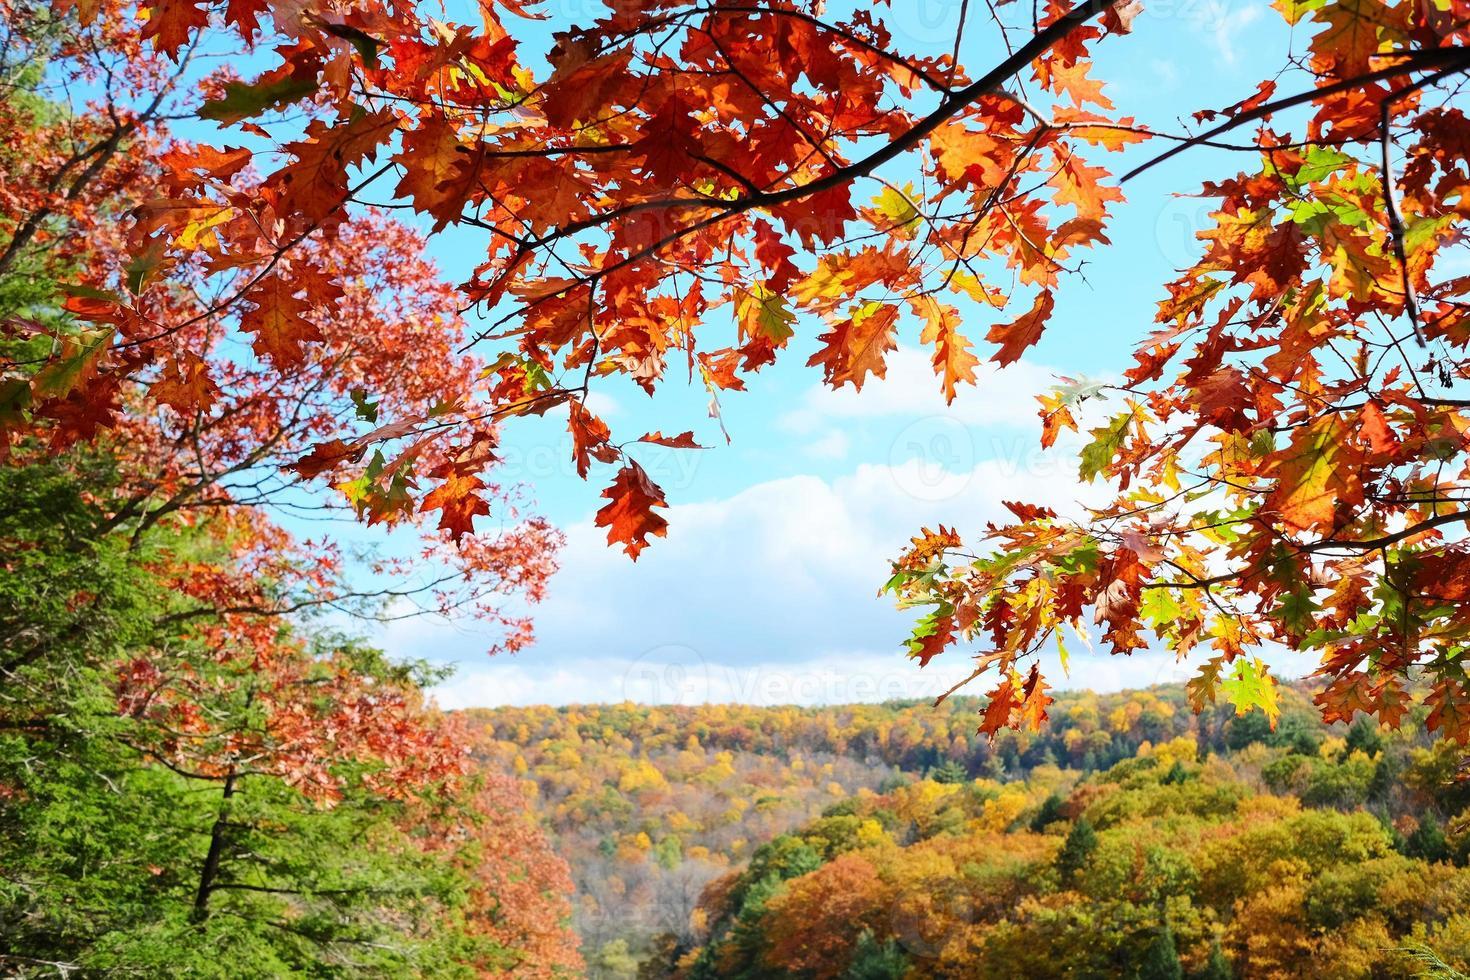 Autumn scene photo